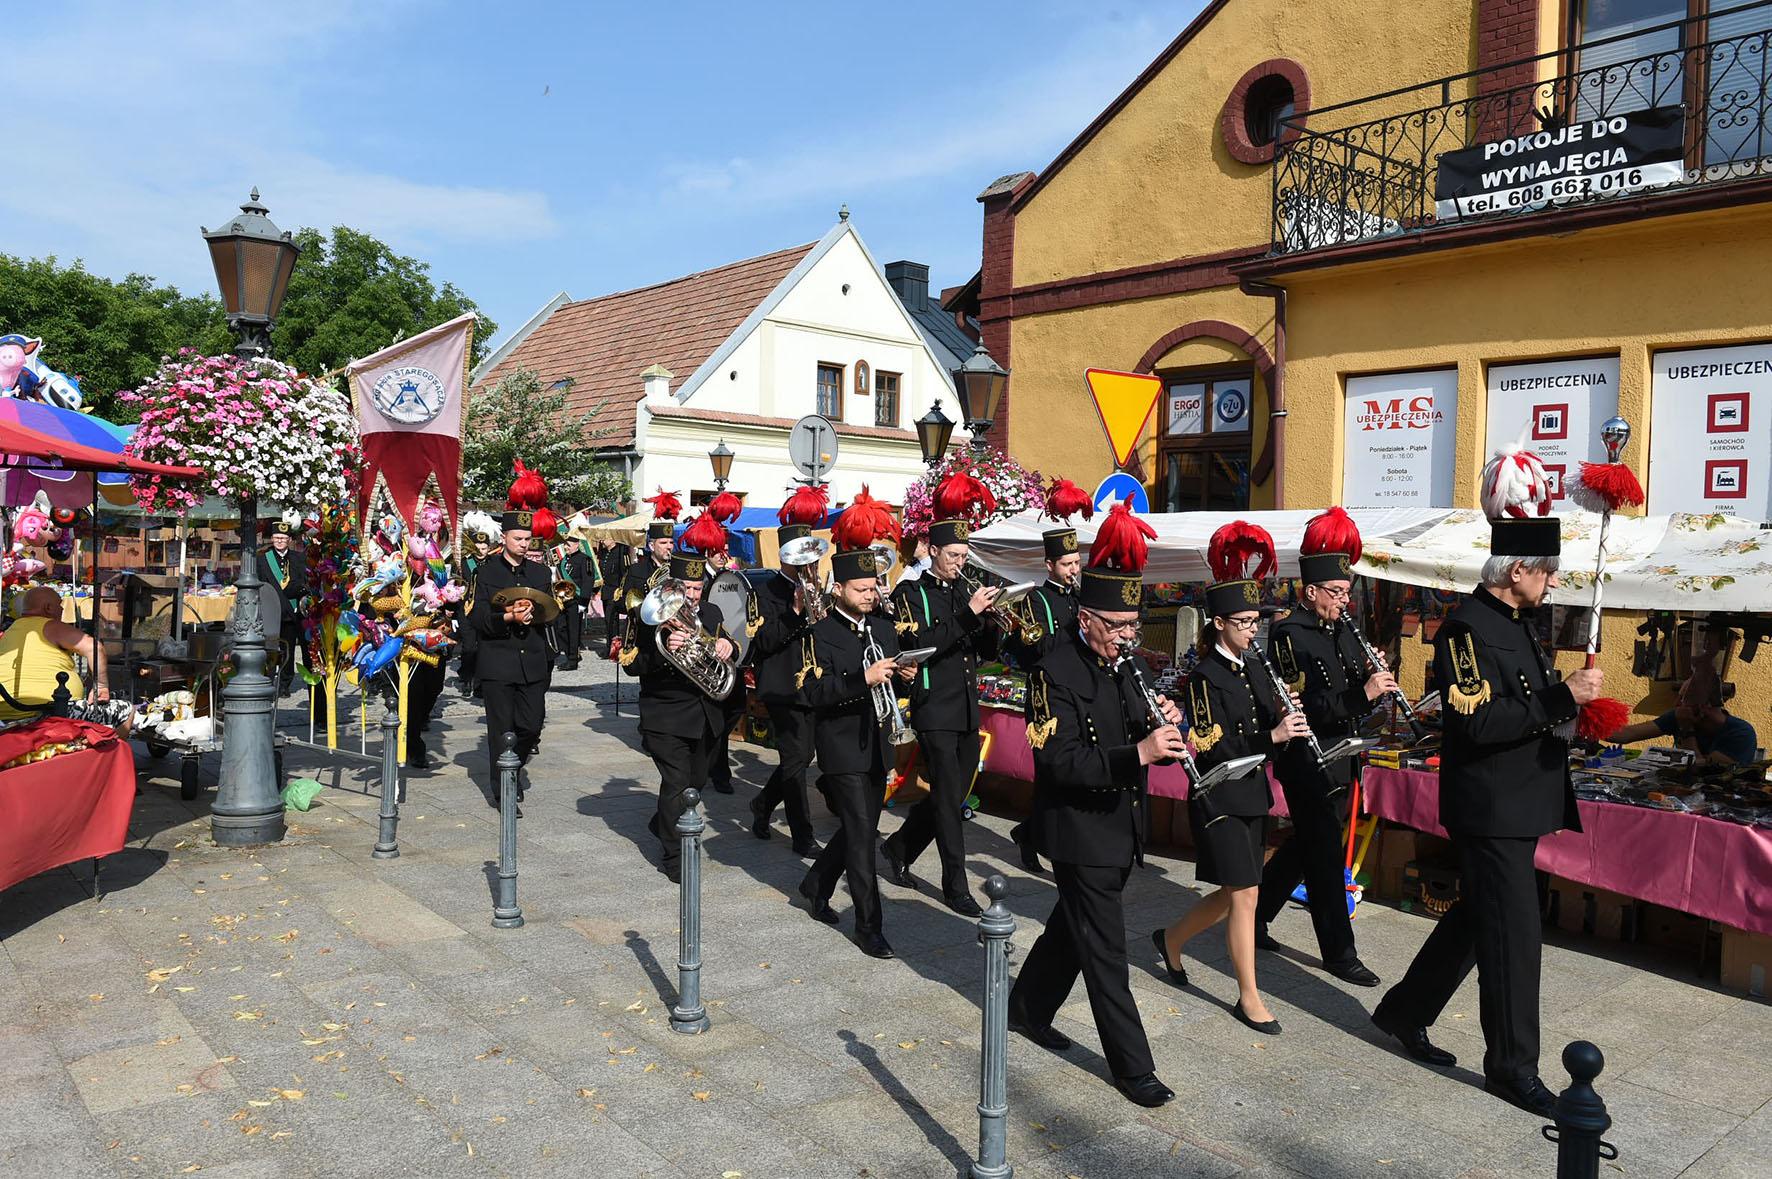 Górnicza orkiestra na uliczkach Starego Sącza. W tle tradycyjne kramy z odpustowymi słodyczami